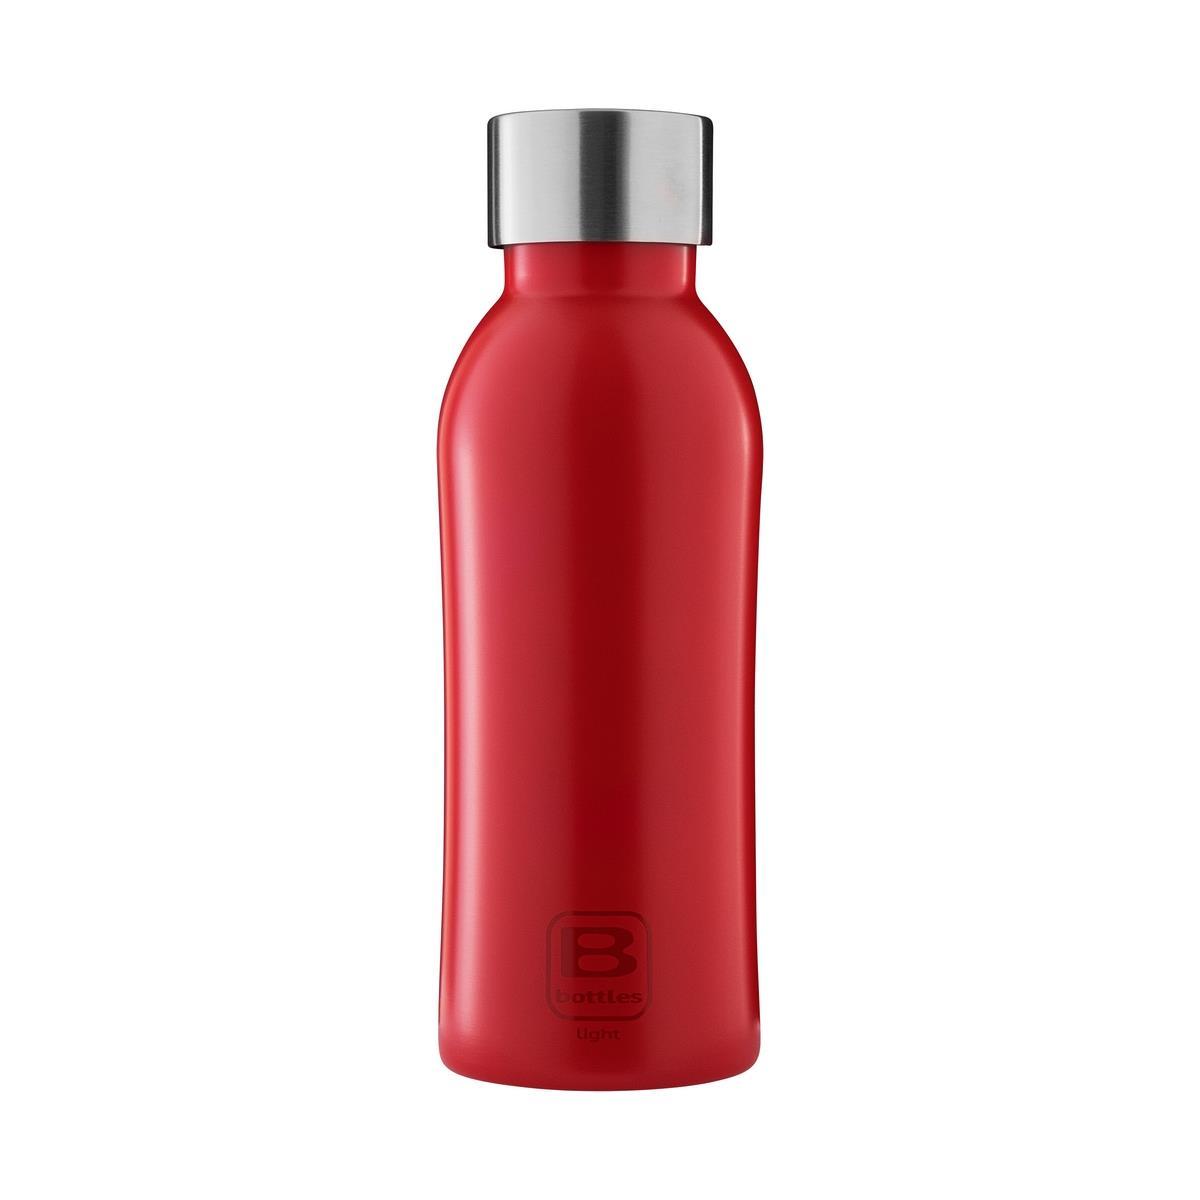 B Bottles Light - Rosso - 530 ml - Bottiglia in acciaio inox 18/10 ultra leggera e compatta